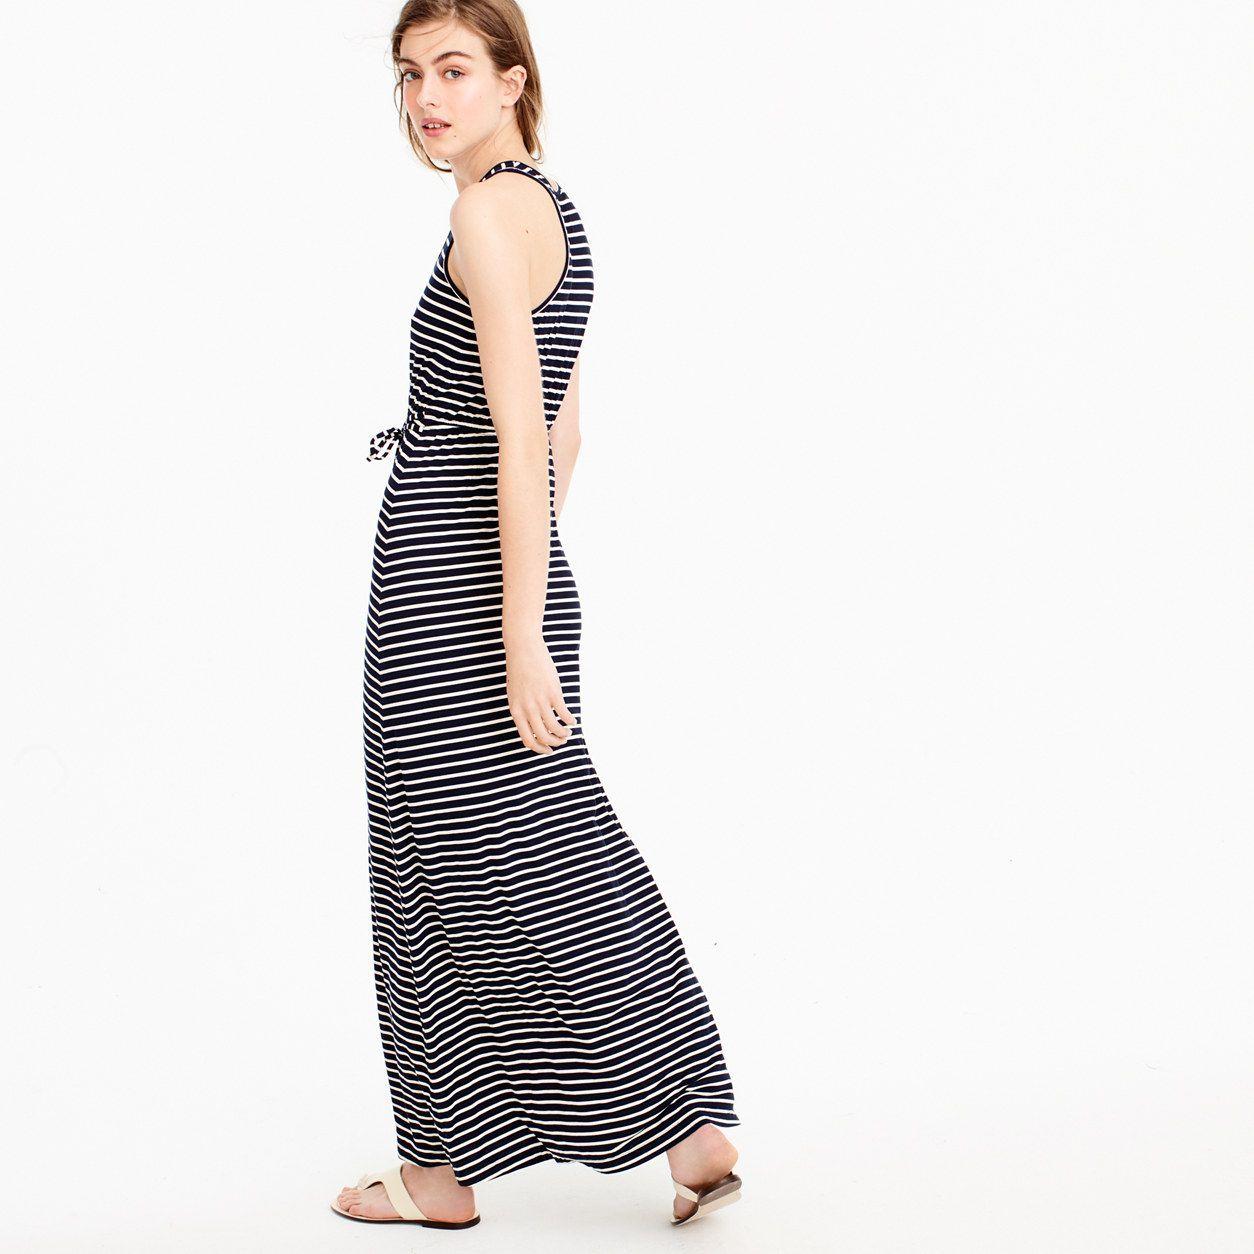 56851840d84 J.Crew Womens Striped Maxi Dress With Tie Waist (Size XXL)